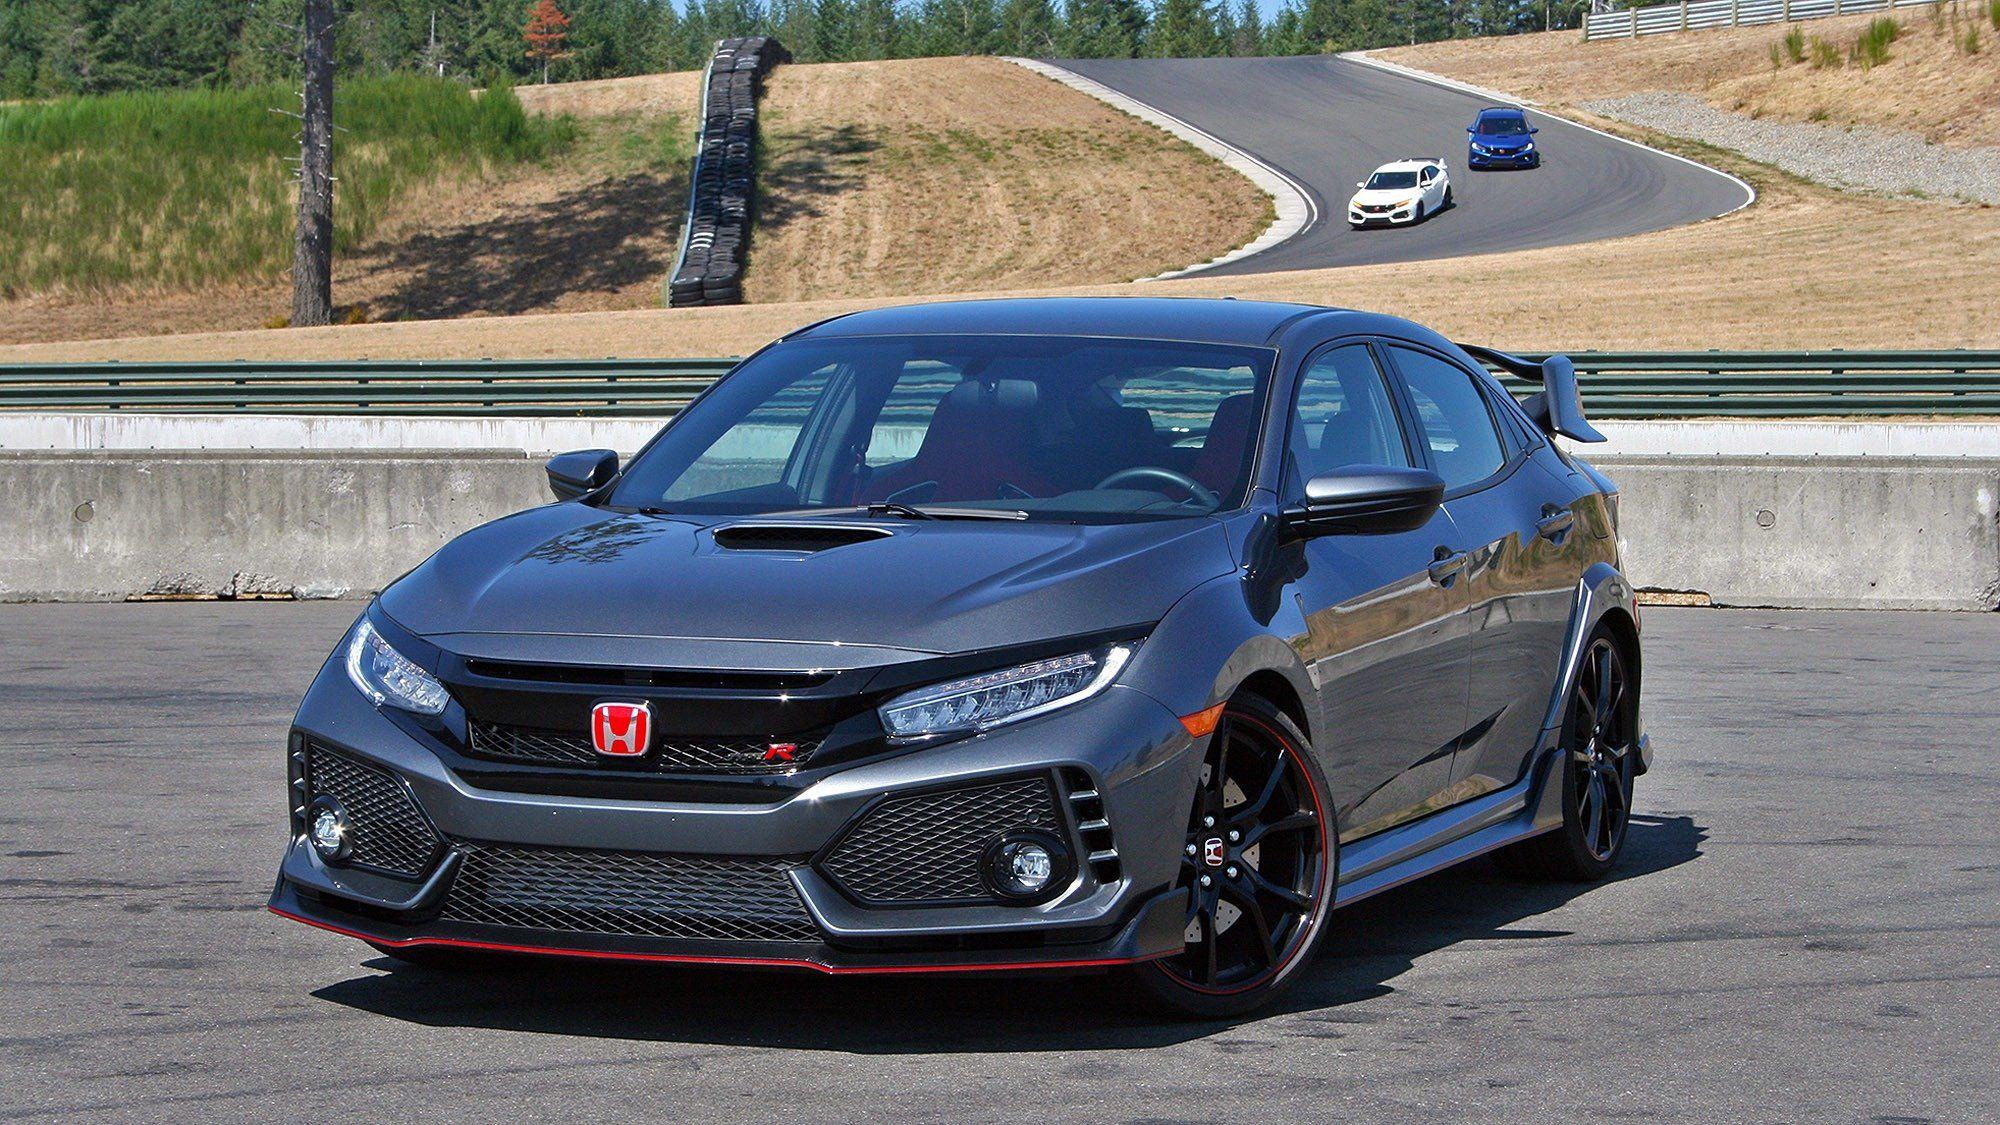 2017 Honda Civic Type R Driven Nice Honda civic type